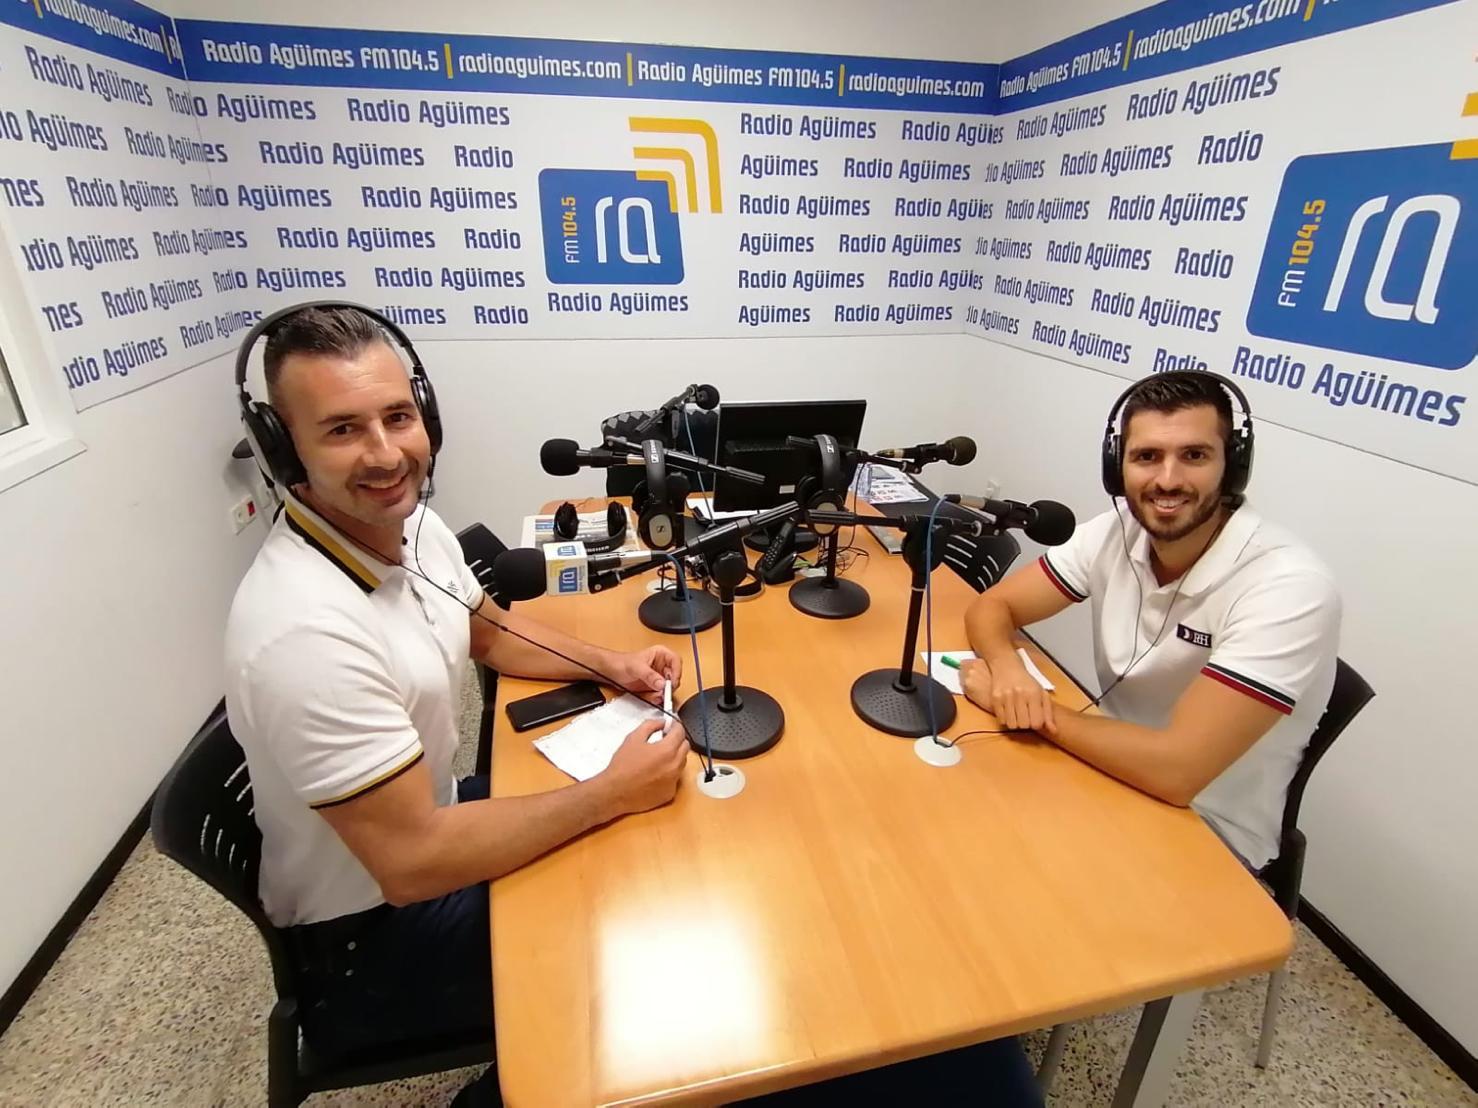 Ecobrisas en Radio Agüimes en Las Palmas hablando de reciclaje y economia circular en Canarias